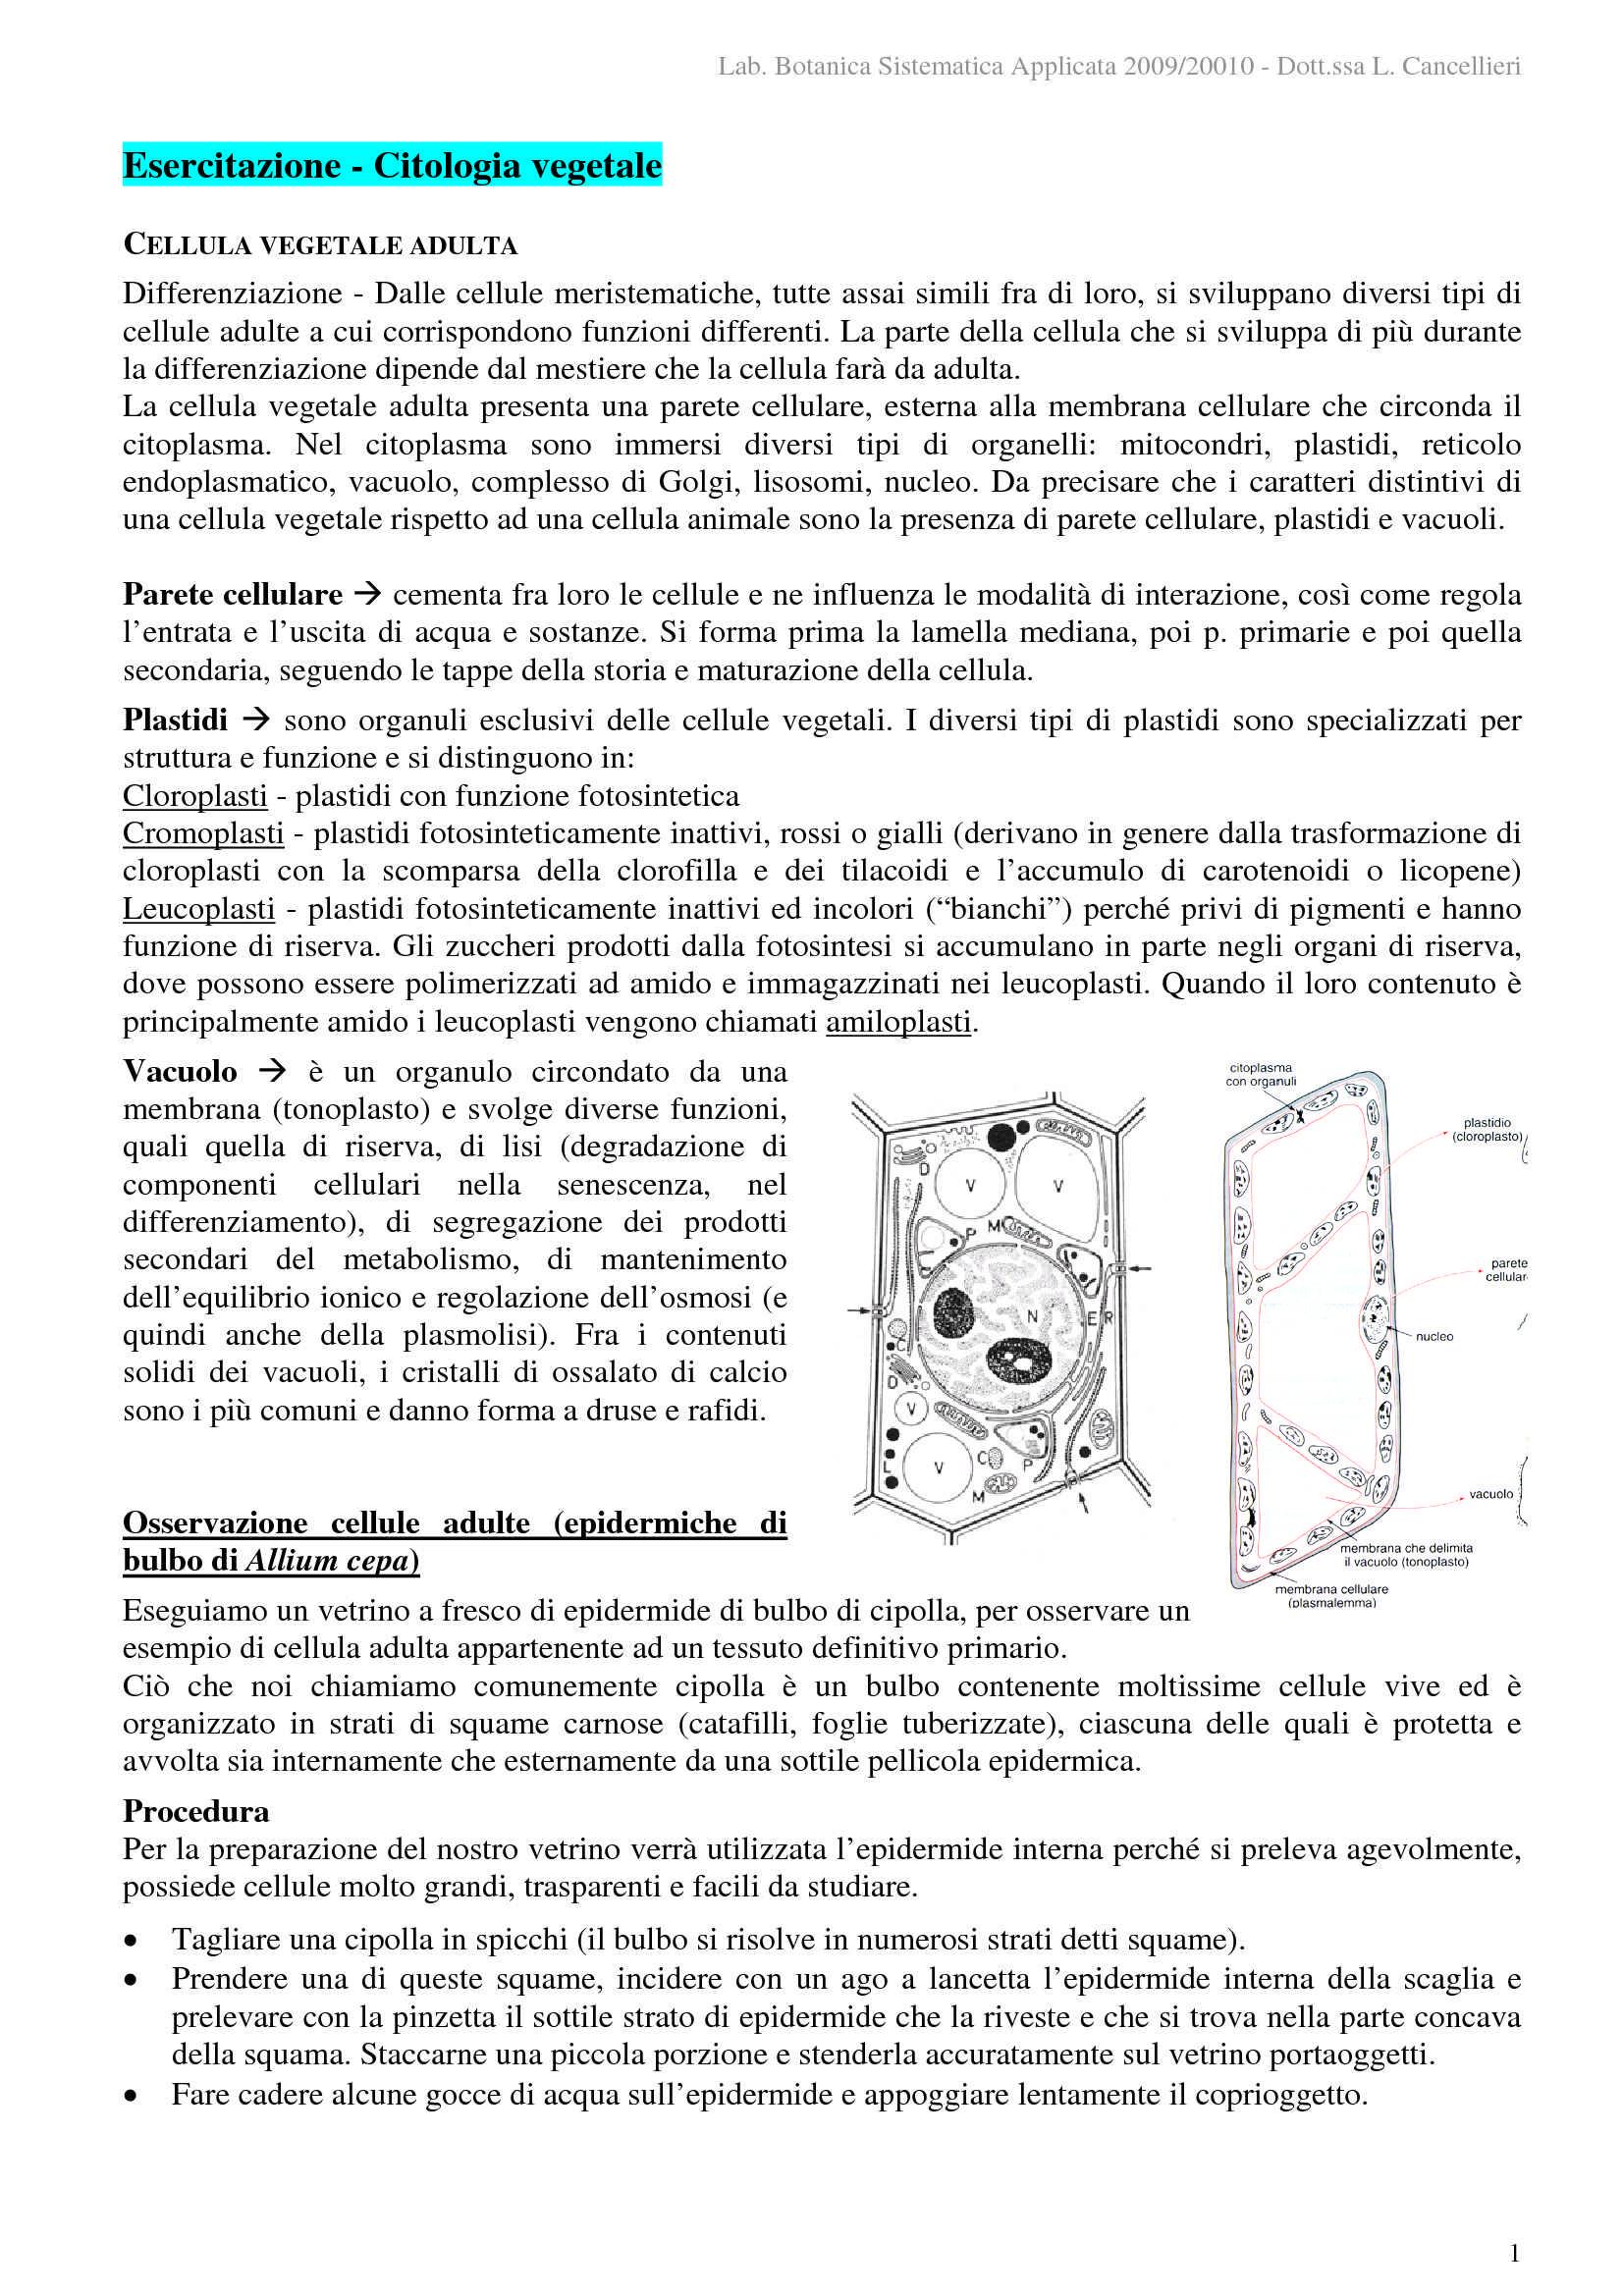 Citologia vegetale - Osservazioni microscopiche